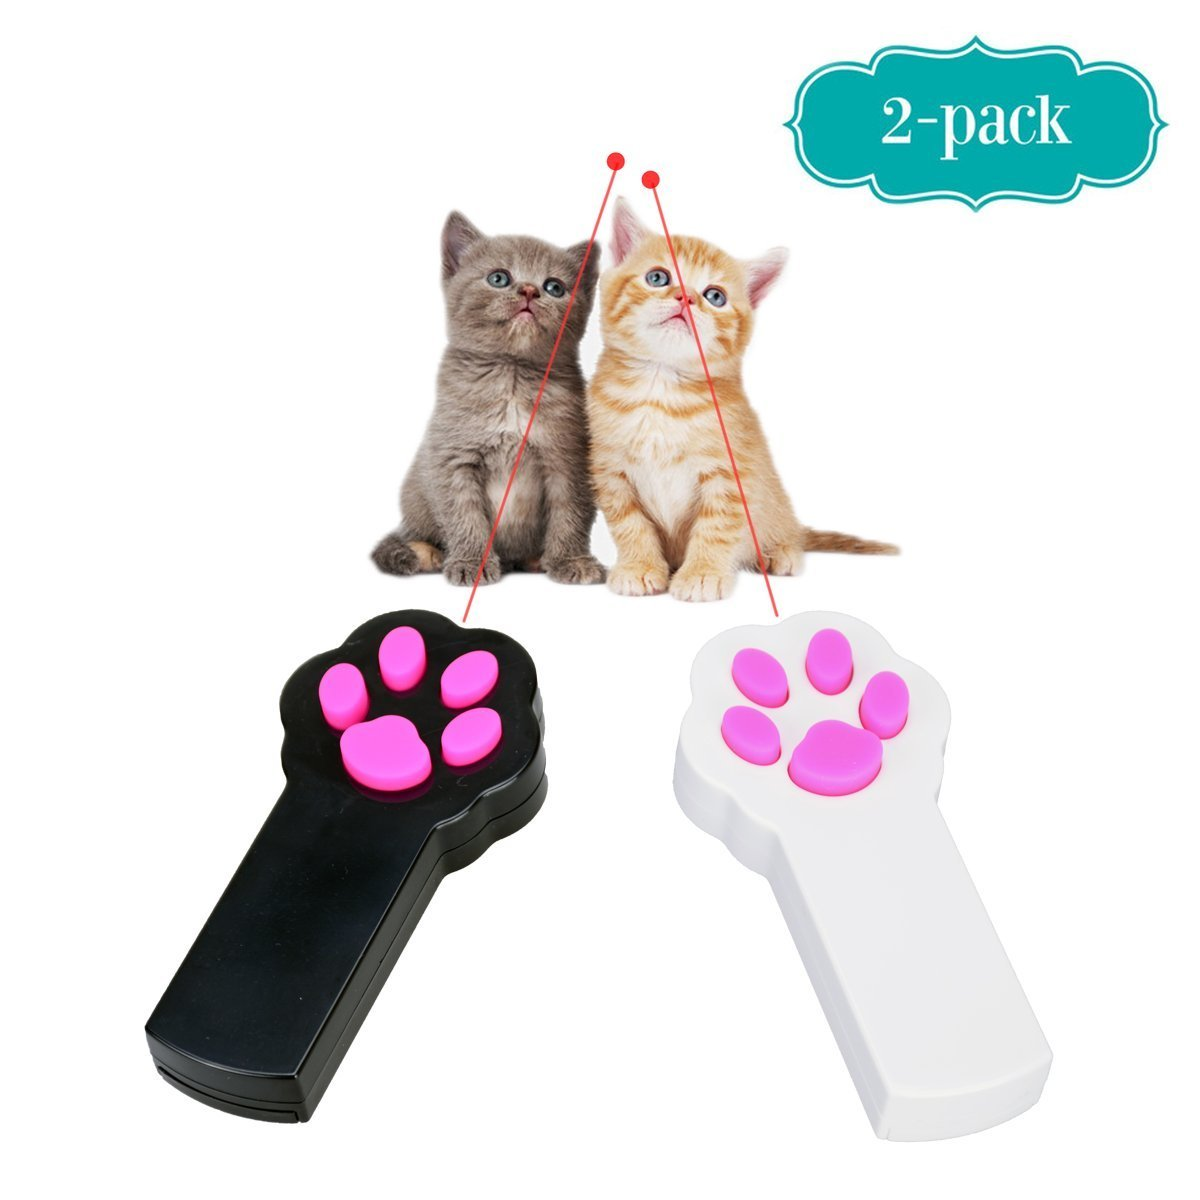 Ilyever Cat toys